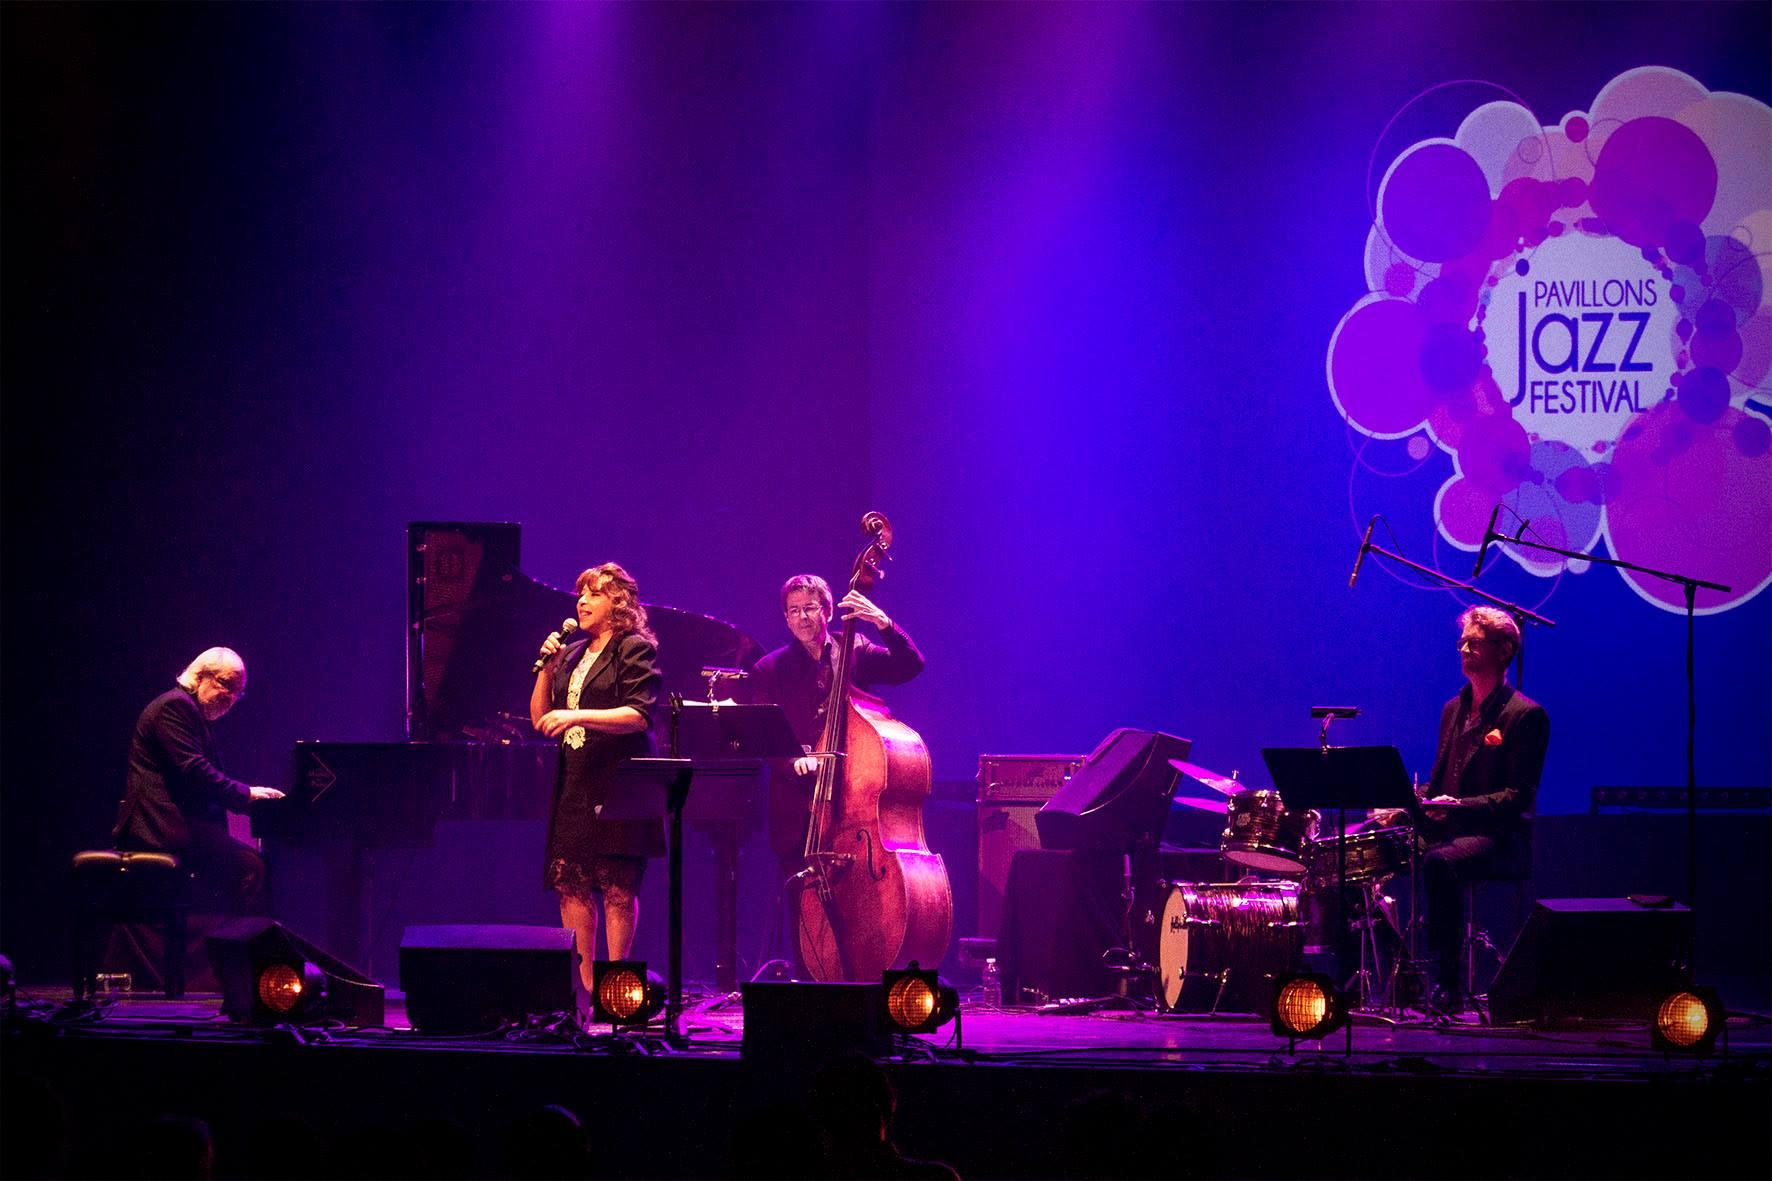 Pavillions Jazz Festival, France